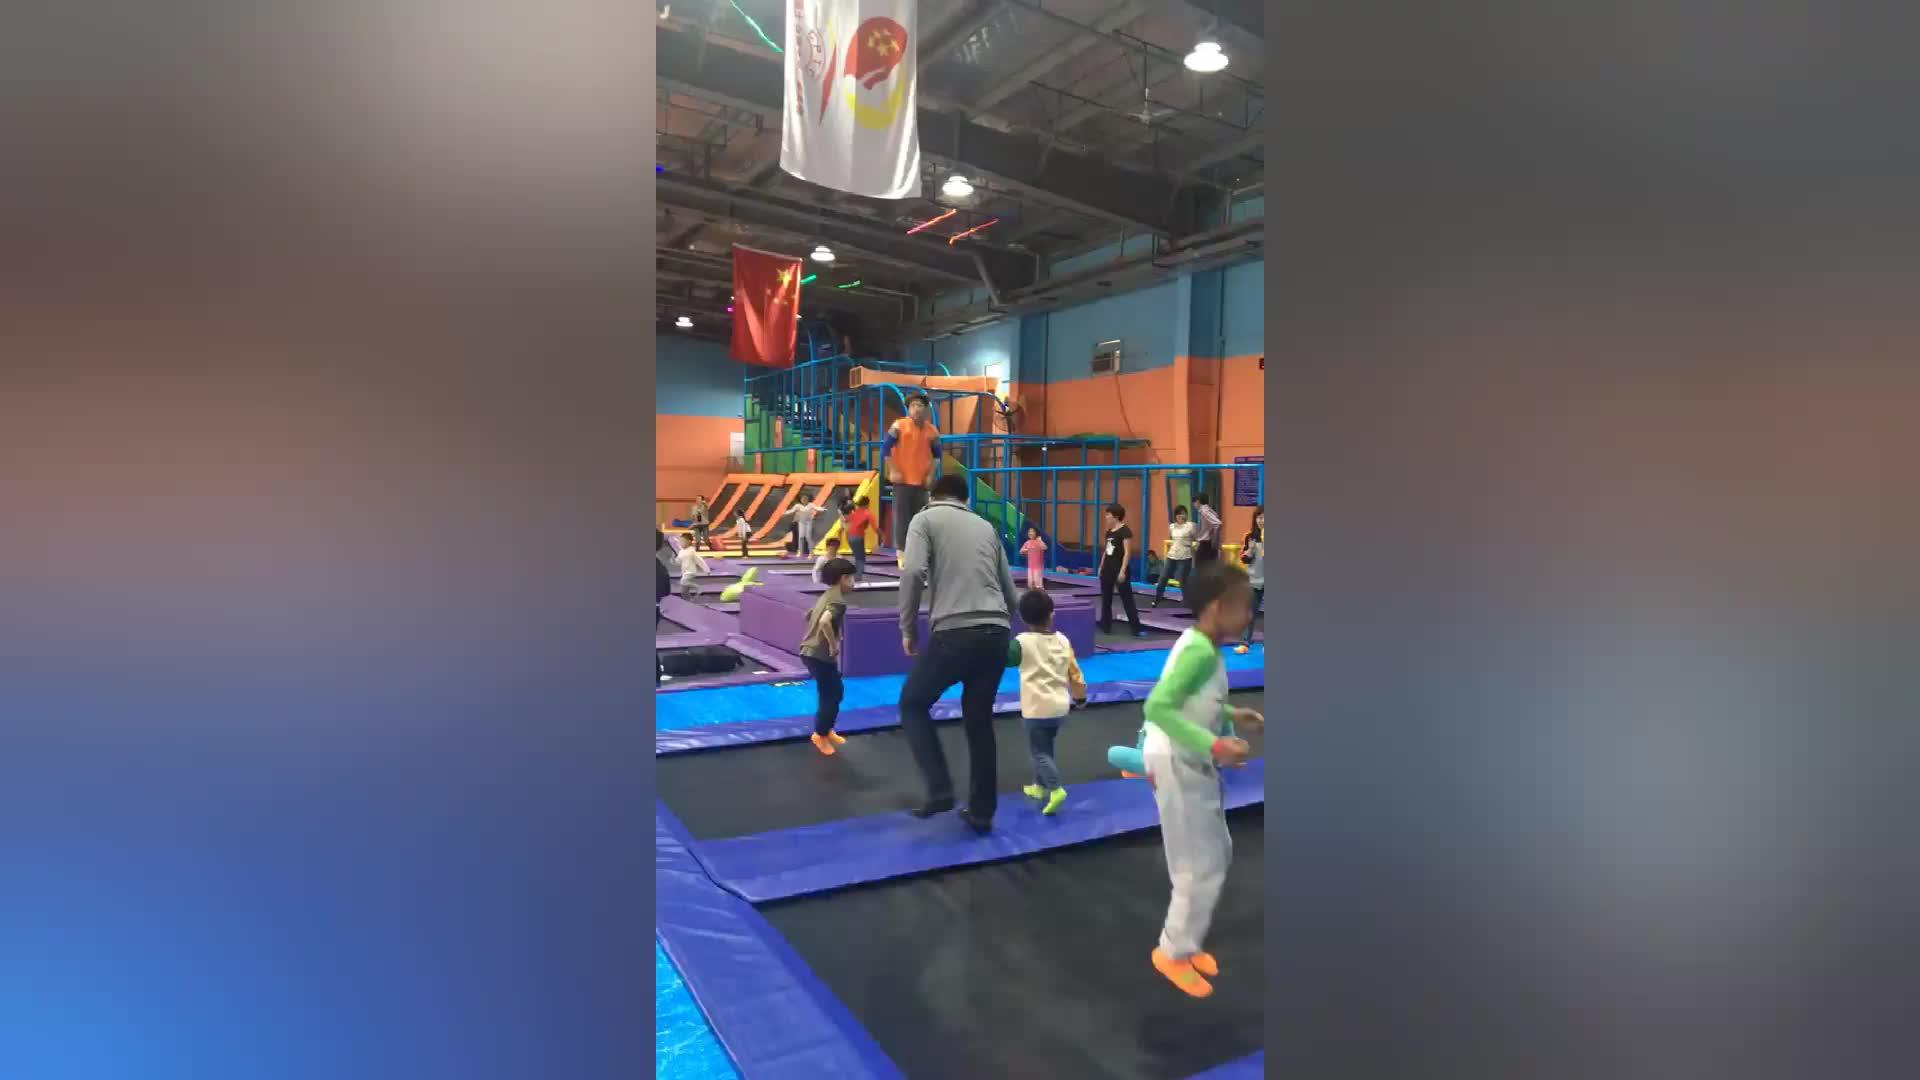 Professionale bambini che saltano trampolino commerciale coperta attrezzature del parco